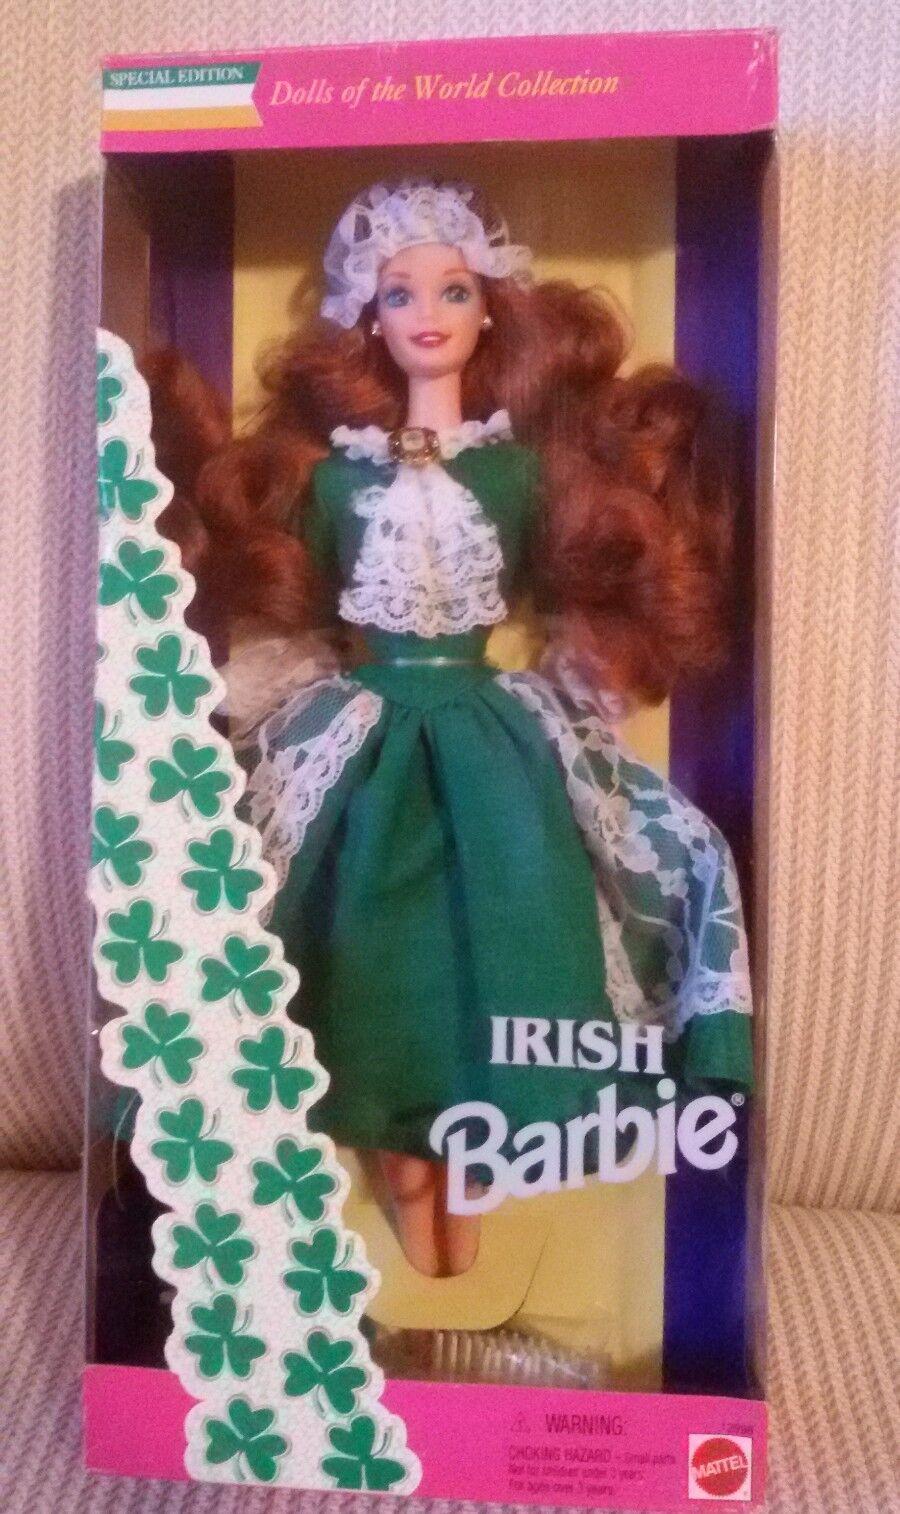 BARBIE  IRISH bambolaS  OF THE WORLD 1994 NRFB no silkstone  Ritorno di 10 giorni